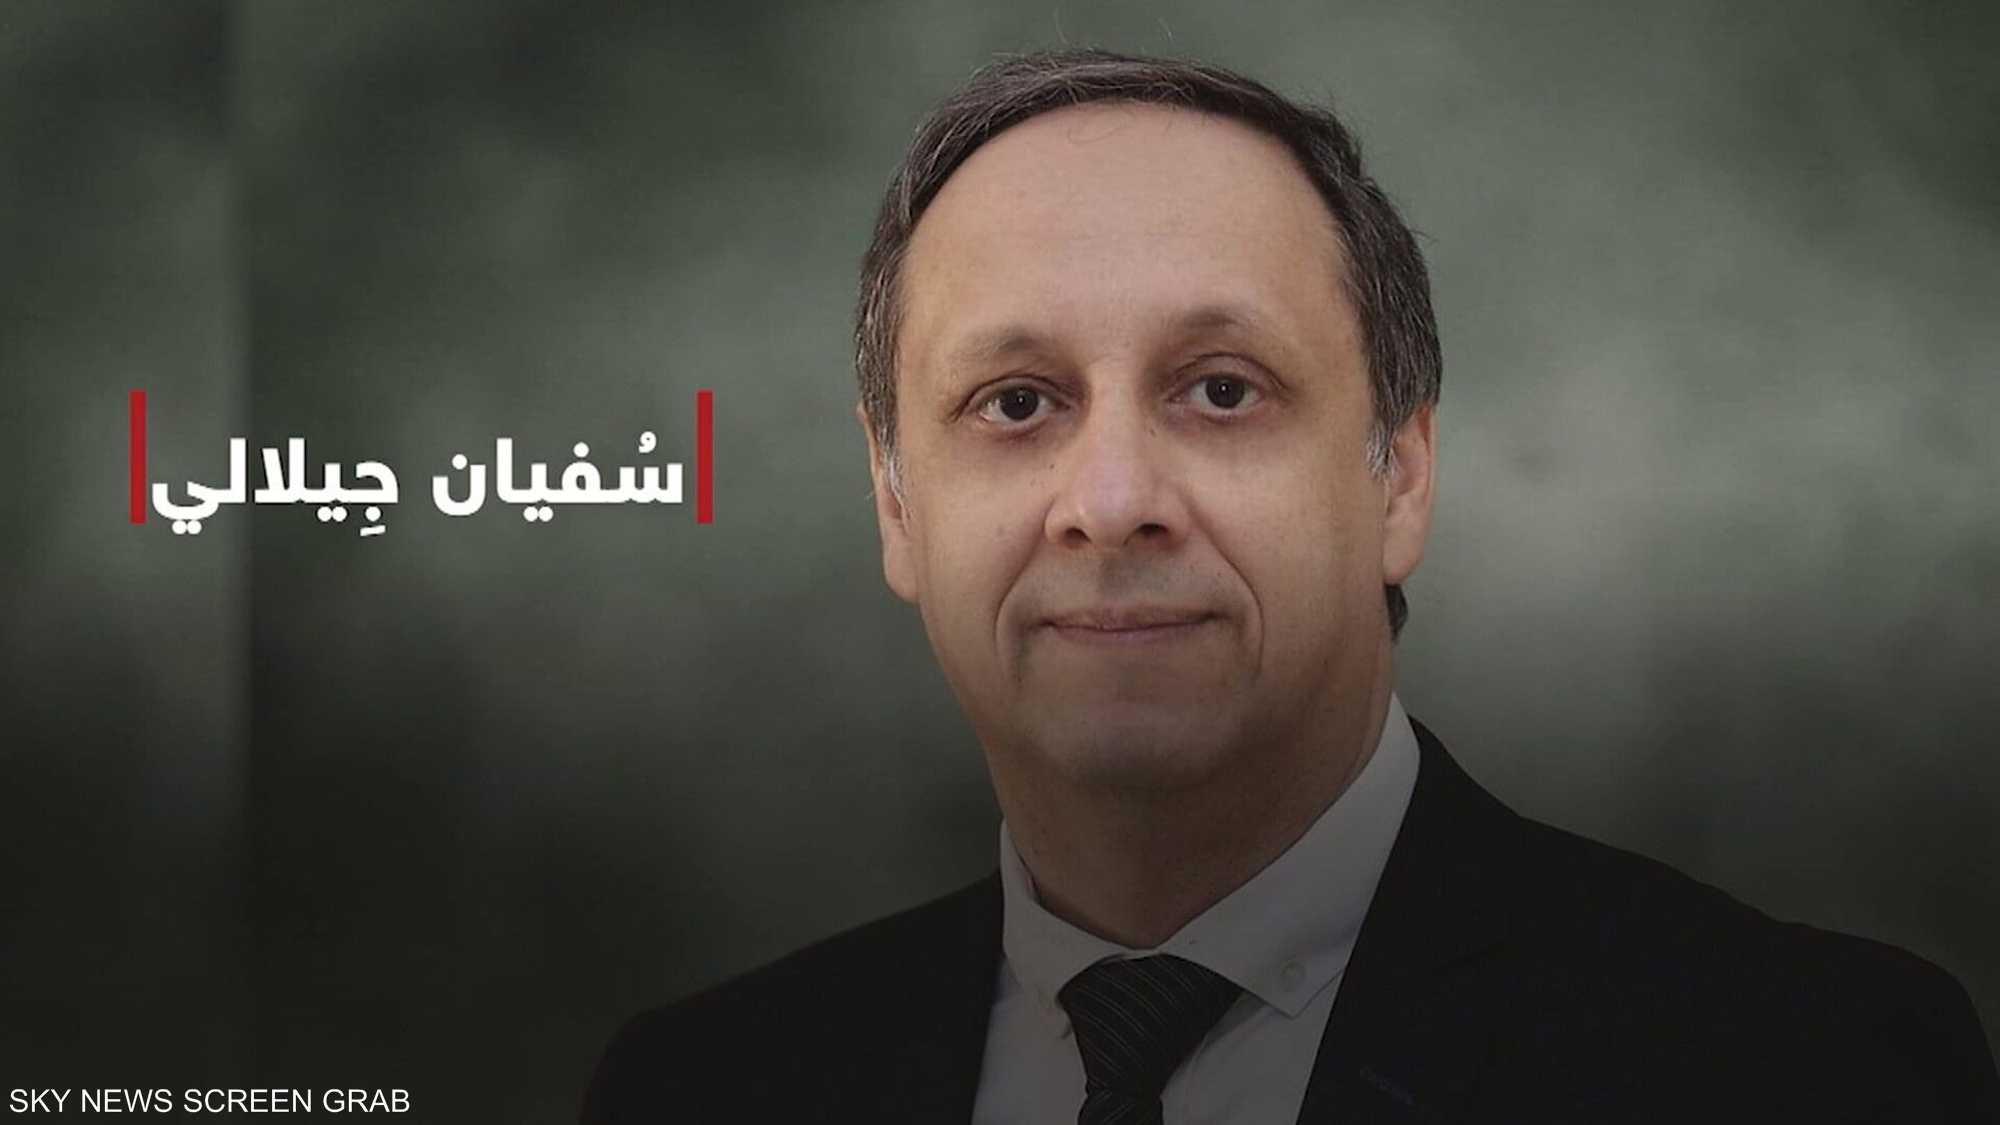 السياسي الجزائري سفيان جيلالي ضيف مع جيزال